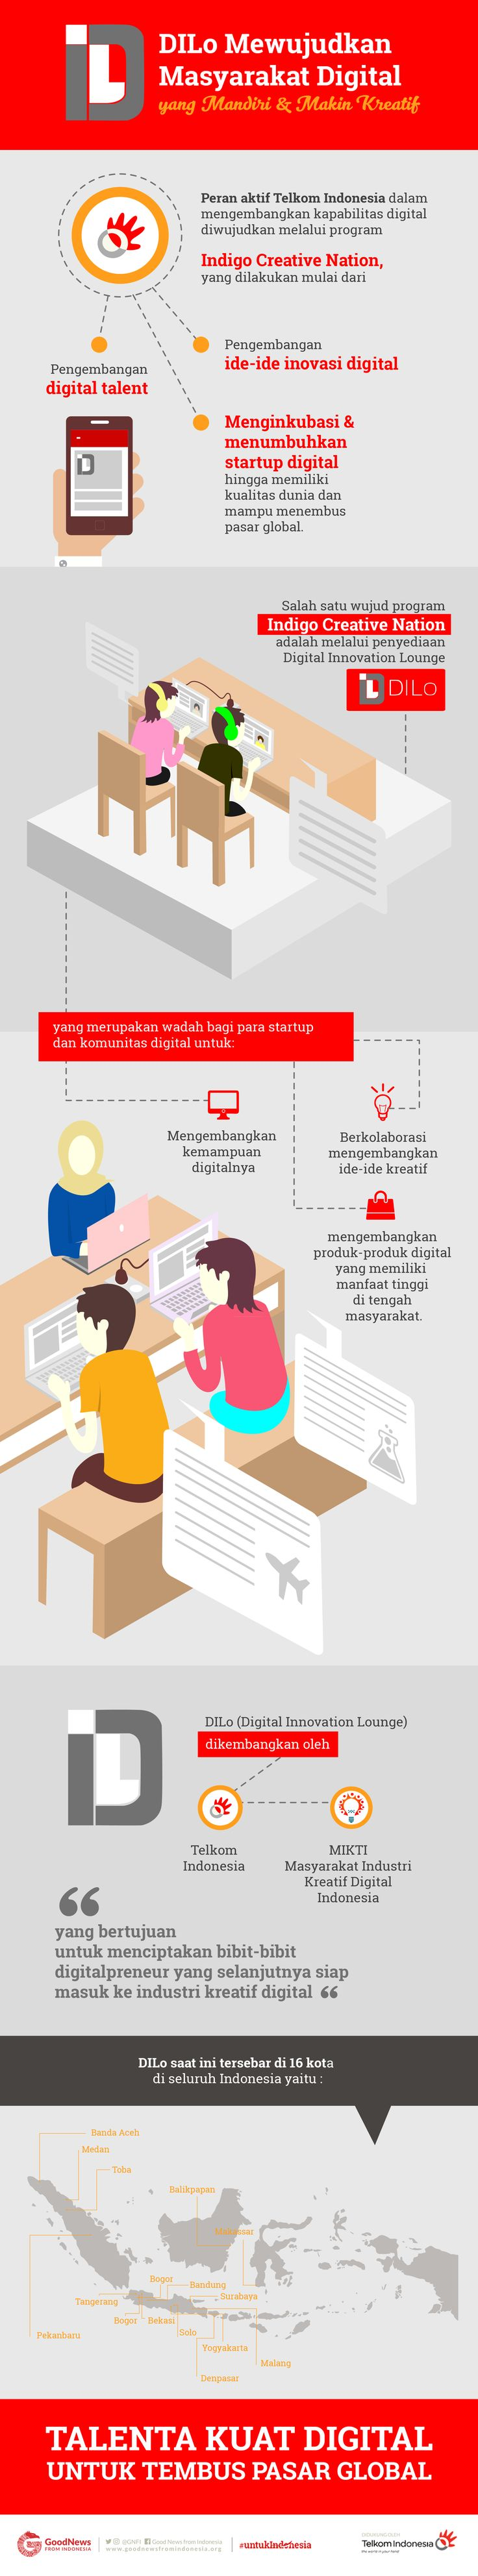 DILO Mewujudkan Masyarakat Digital yang Mandiri dan Makin Kreatif